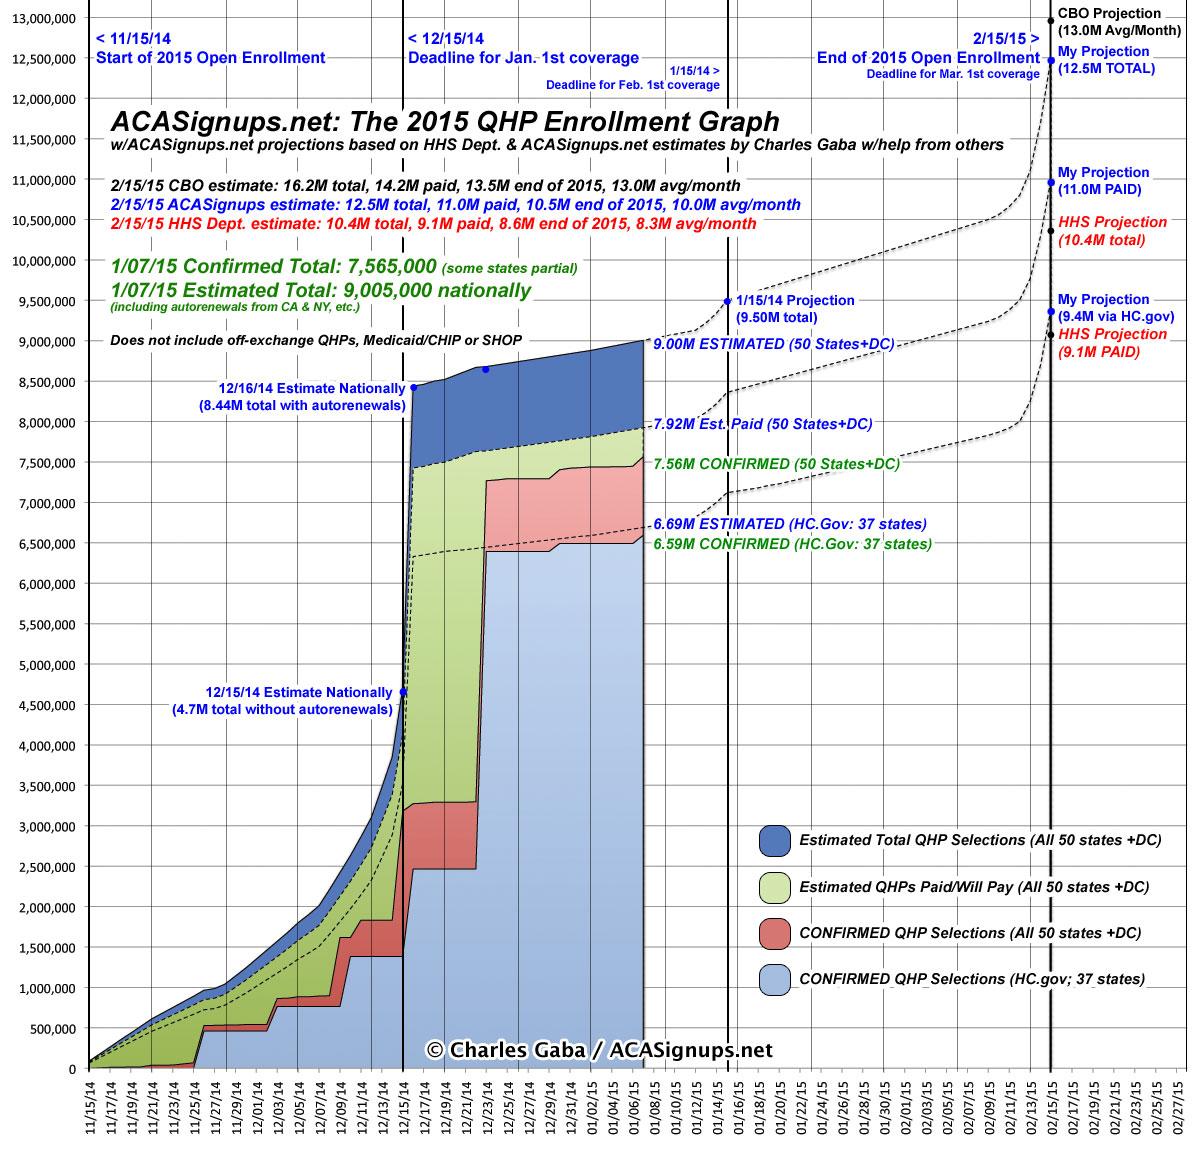 understanding obamacare 39 s enrollment numbers obamacare facts. Black Bedroom Furniture Sets. Home Design Ideas